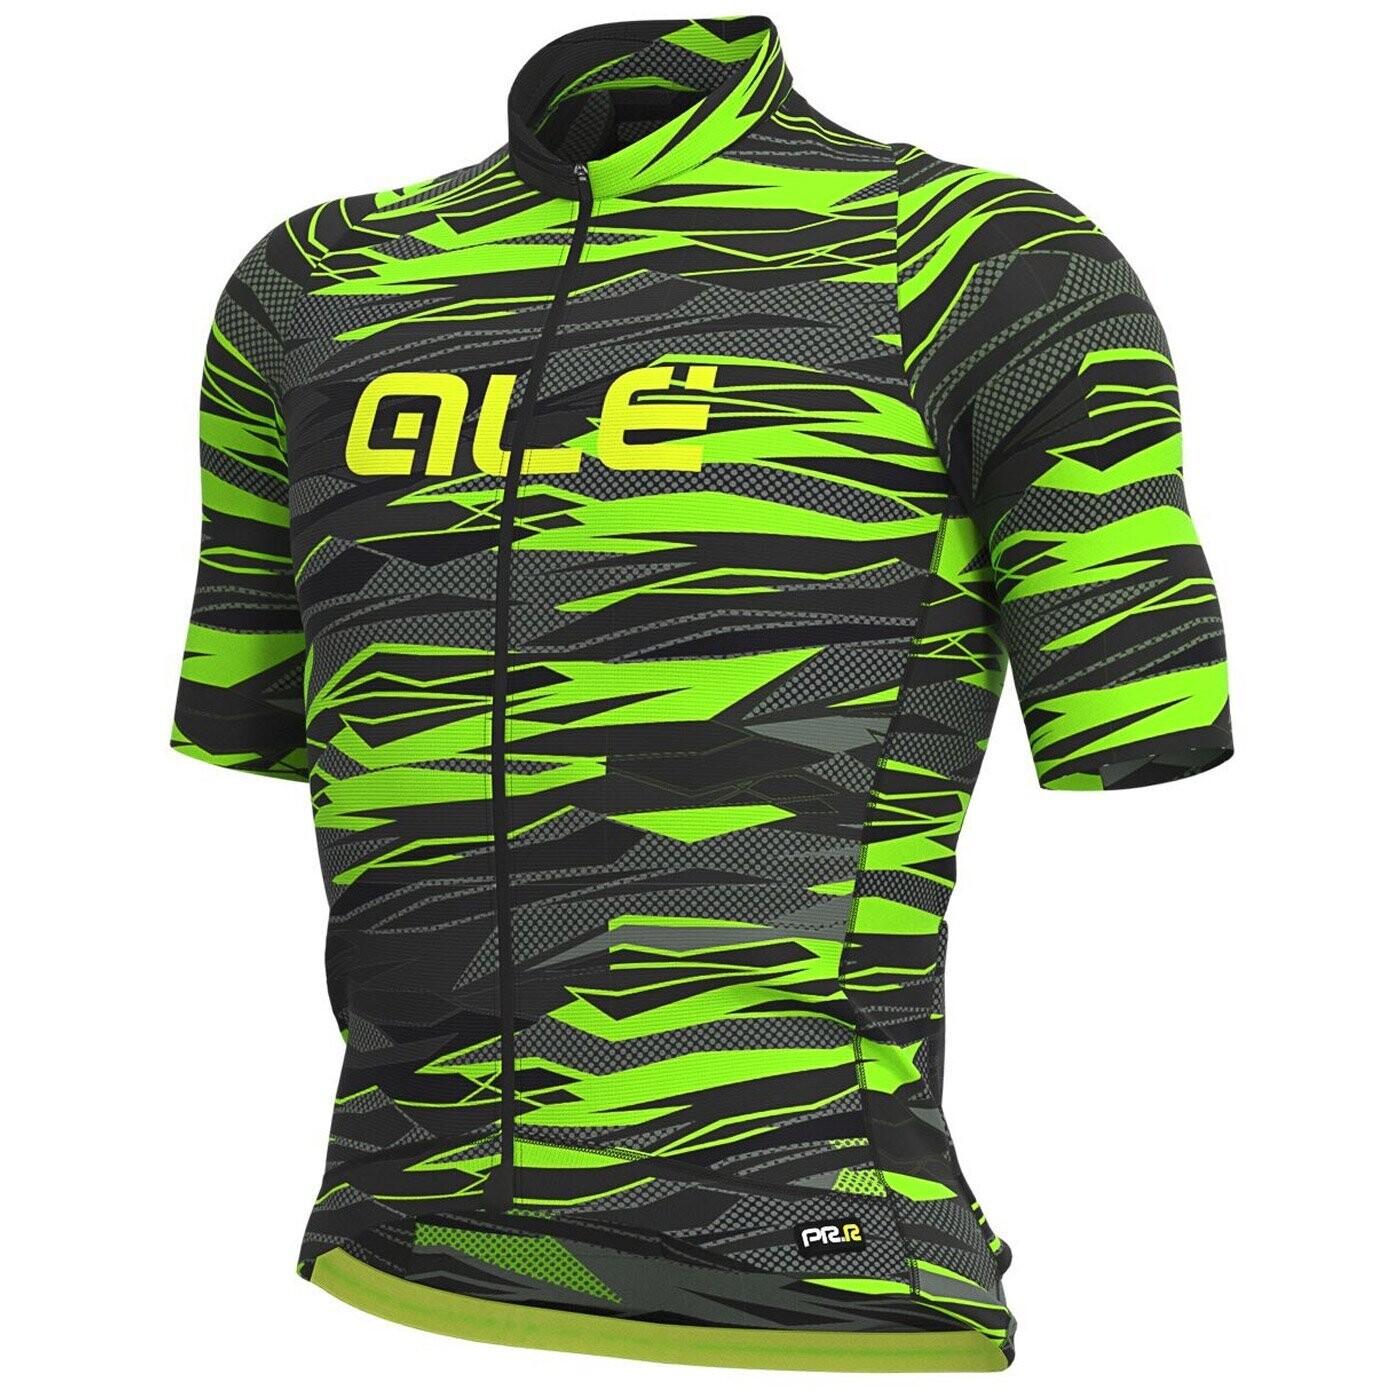 Ale Jersey Rock Green/Black/Fluo Green